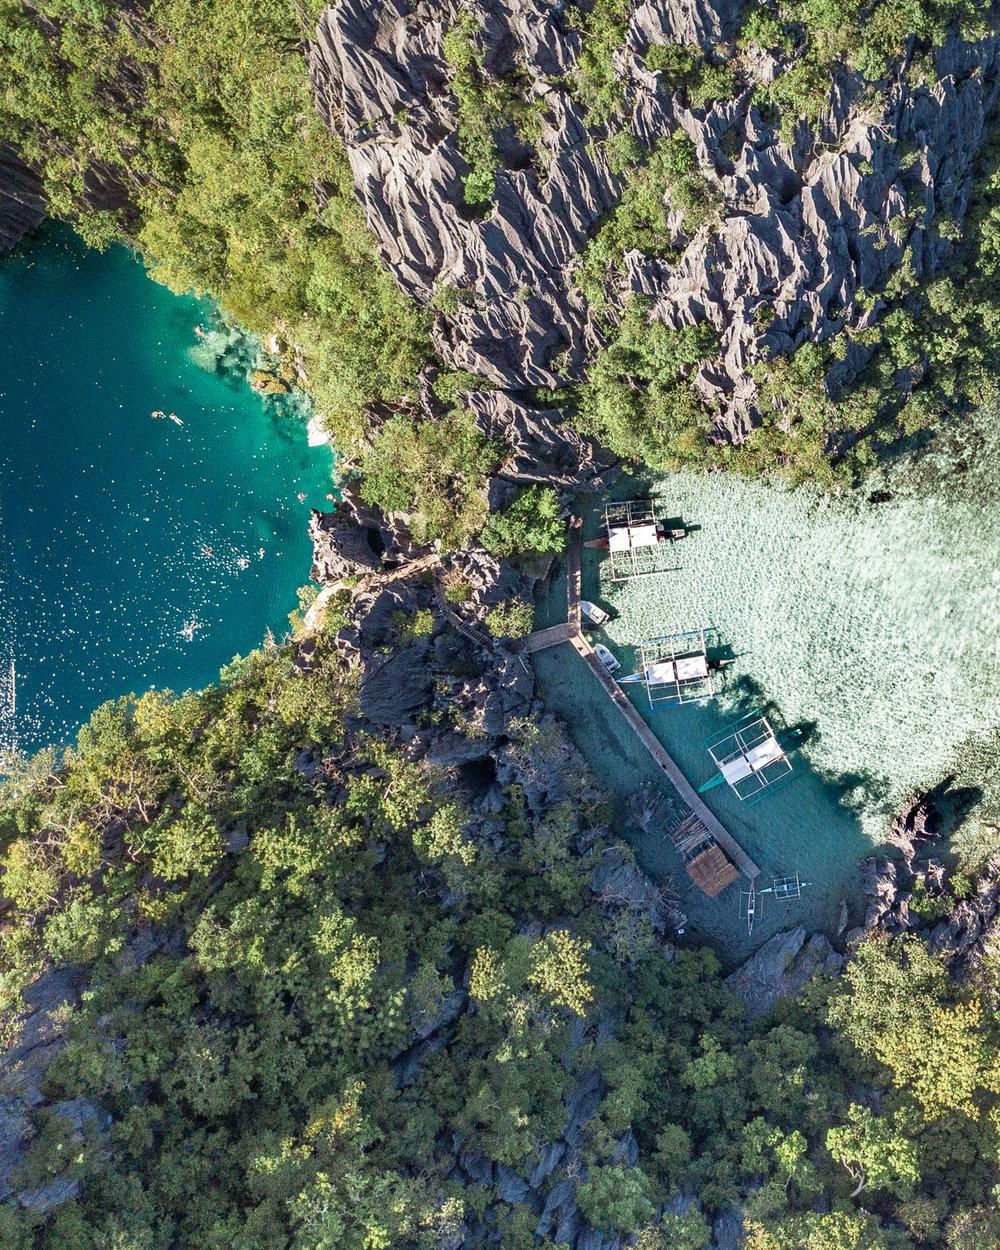 Barracuda Lake in Coron, Palawan